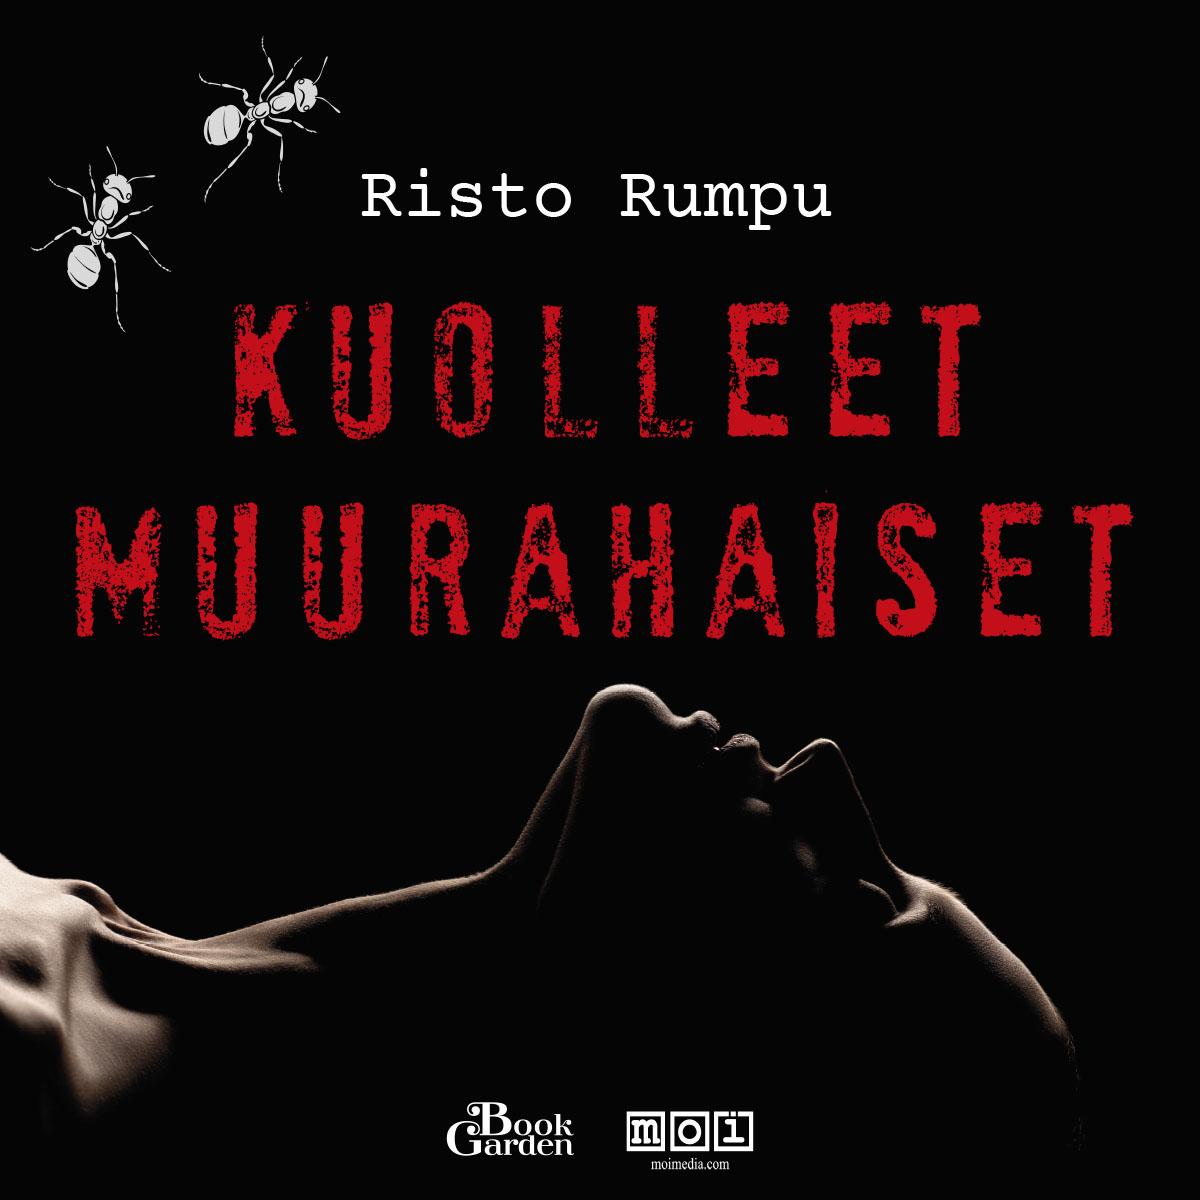 Risto Rumpu - Kuolleet muurahaiset